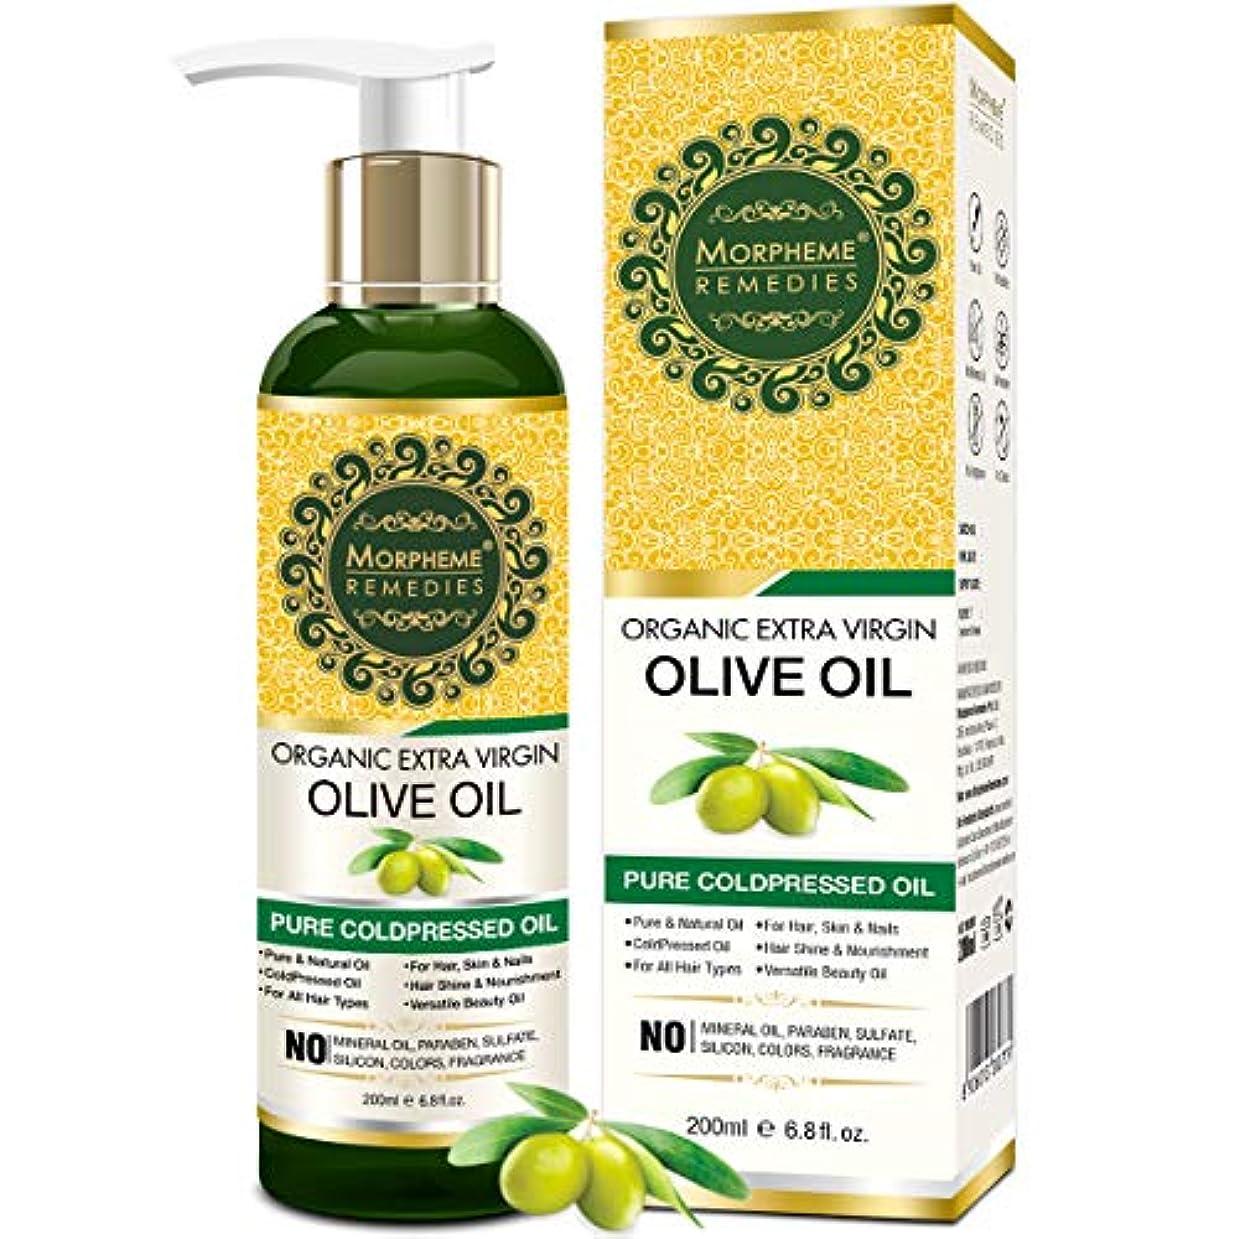 クレタドラム改革Morpheme Remedies Organic Extra Virgin Olive Oil (Pure ColdPressed Oil) For Hair, Body, Skin Care, Massage, Eyelashes...